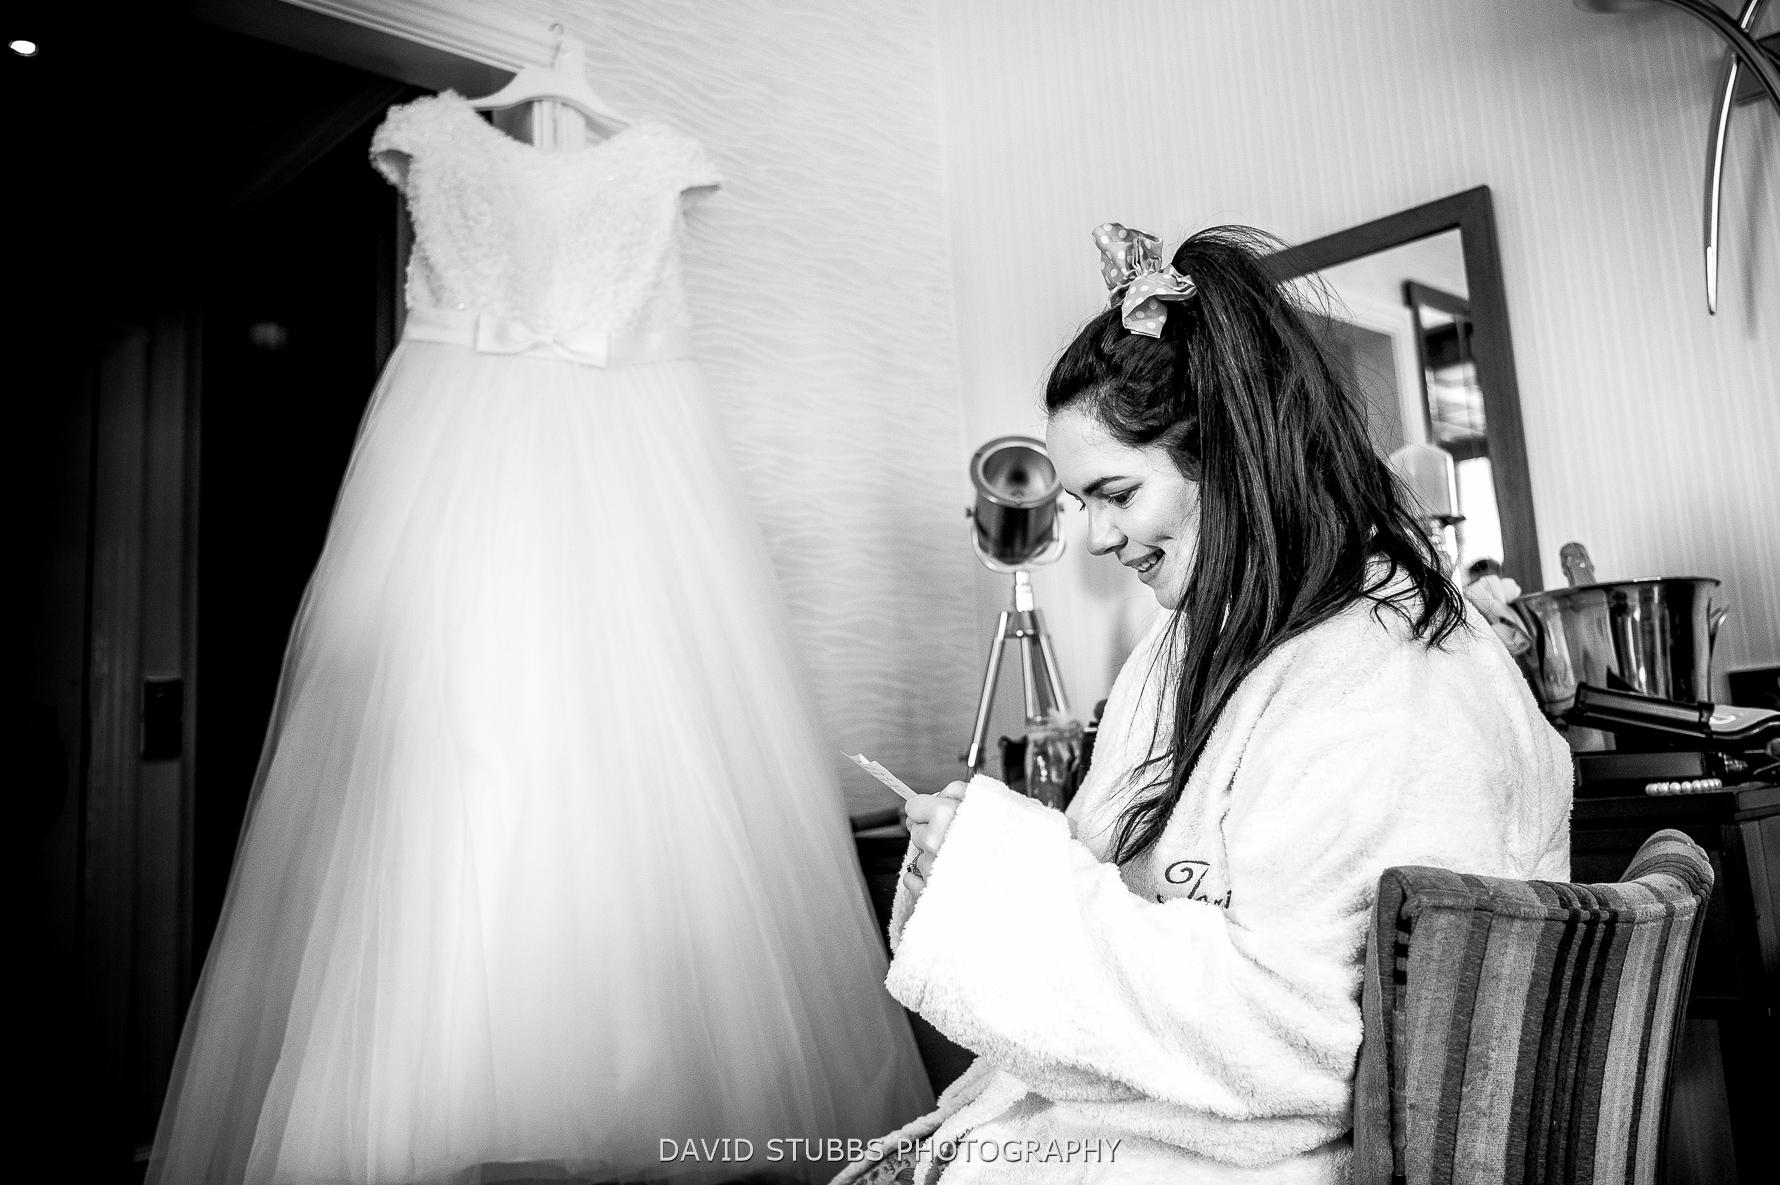 terri the bride